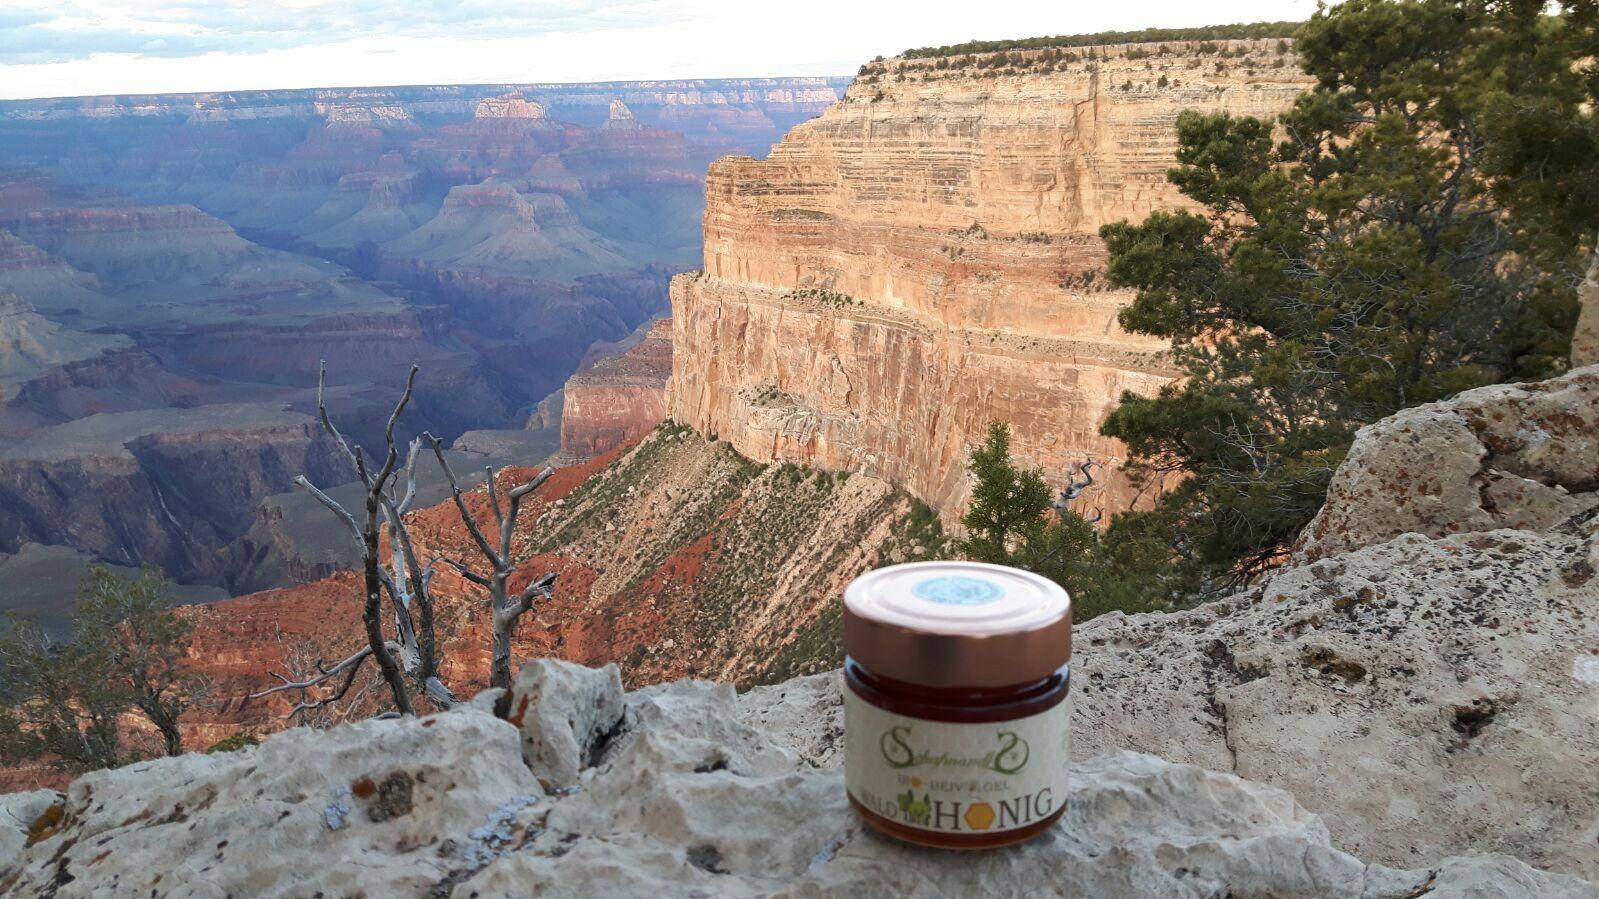 Schöner Ausblick für unseren Honig in Grand Canyon - mohave point